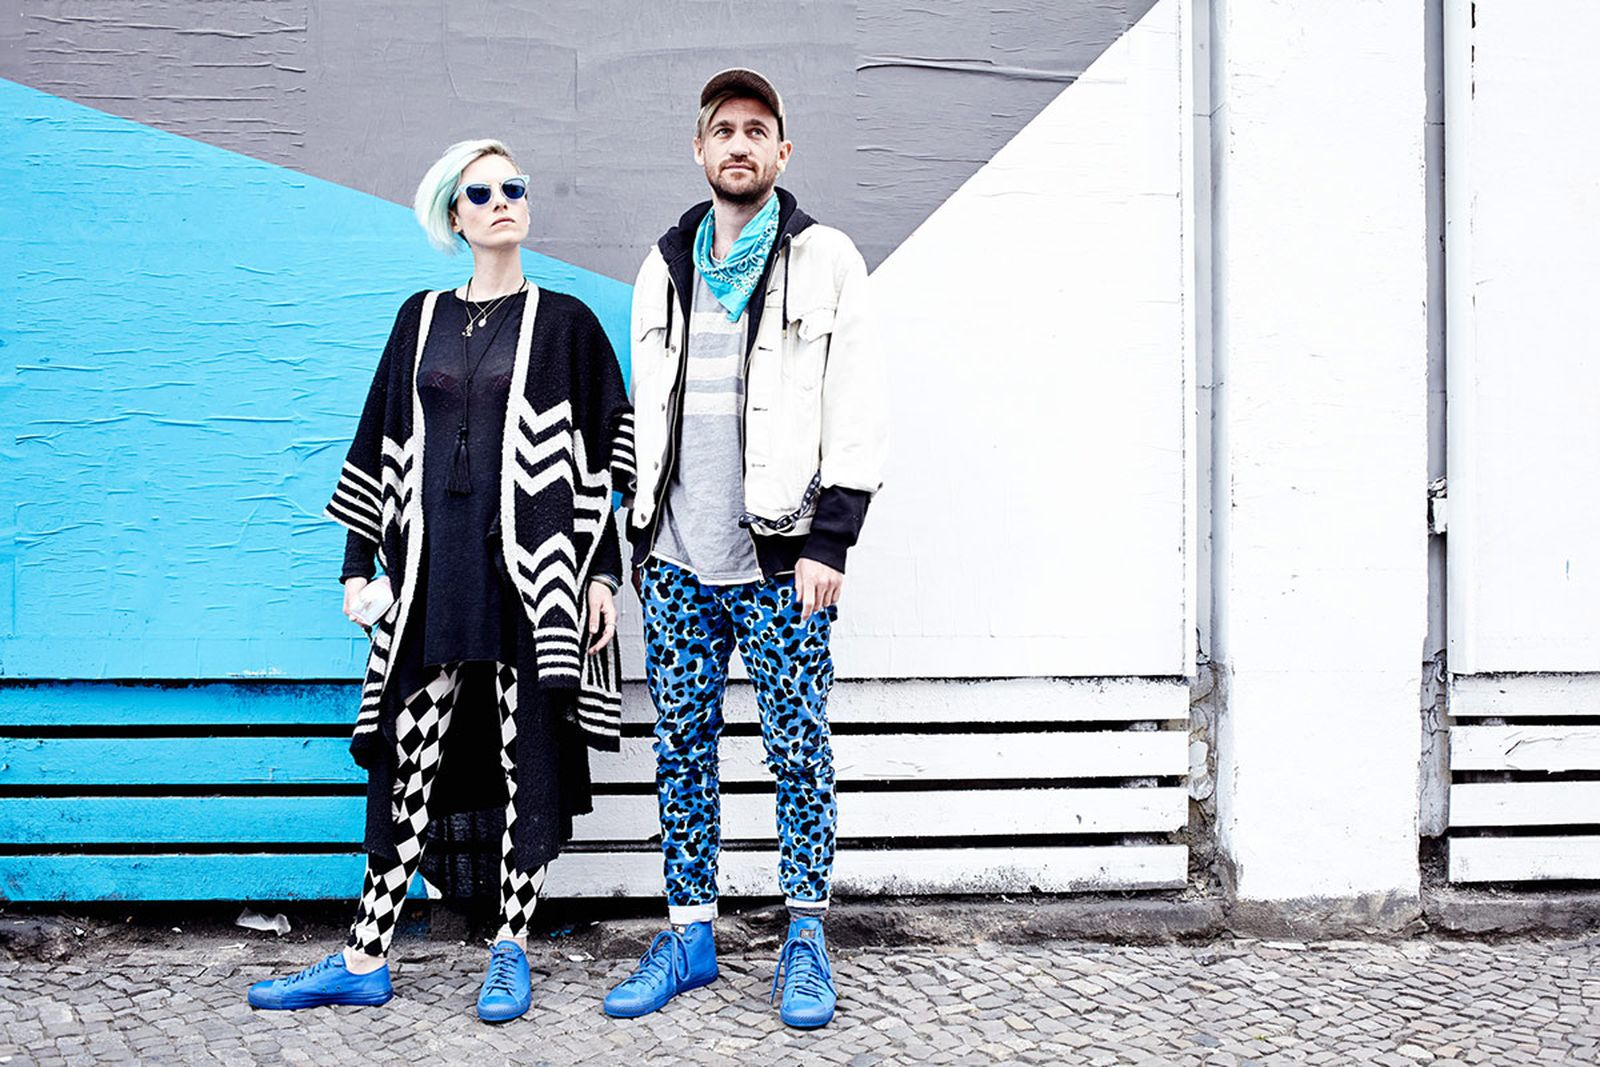 sustainable-fashion-brands-ethletic